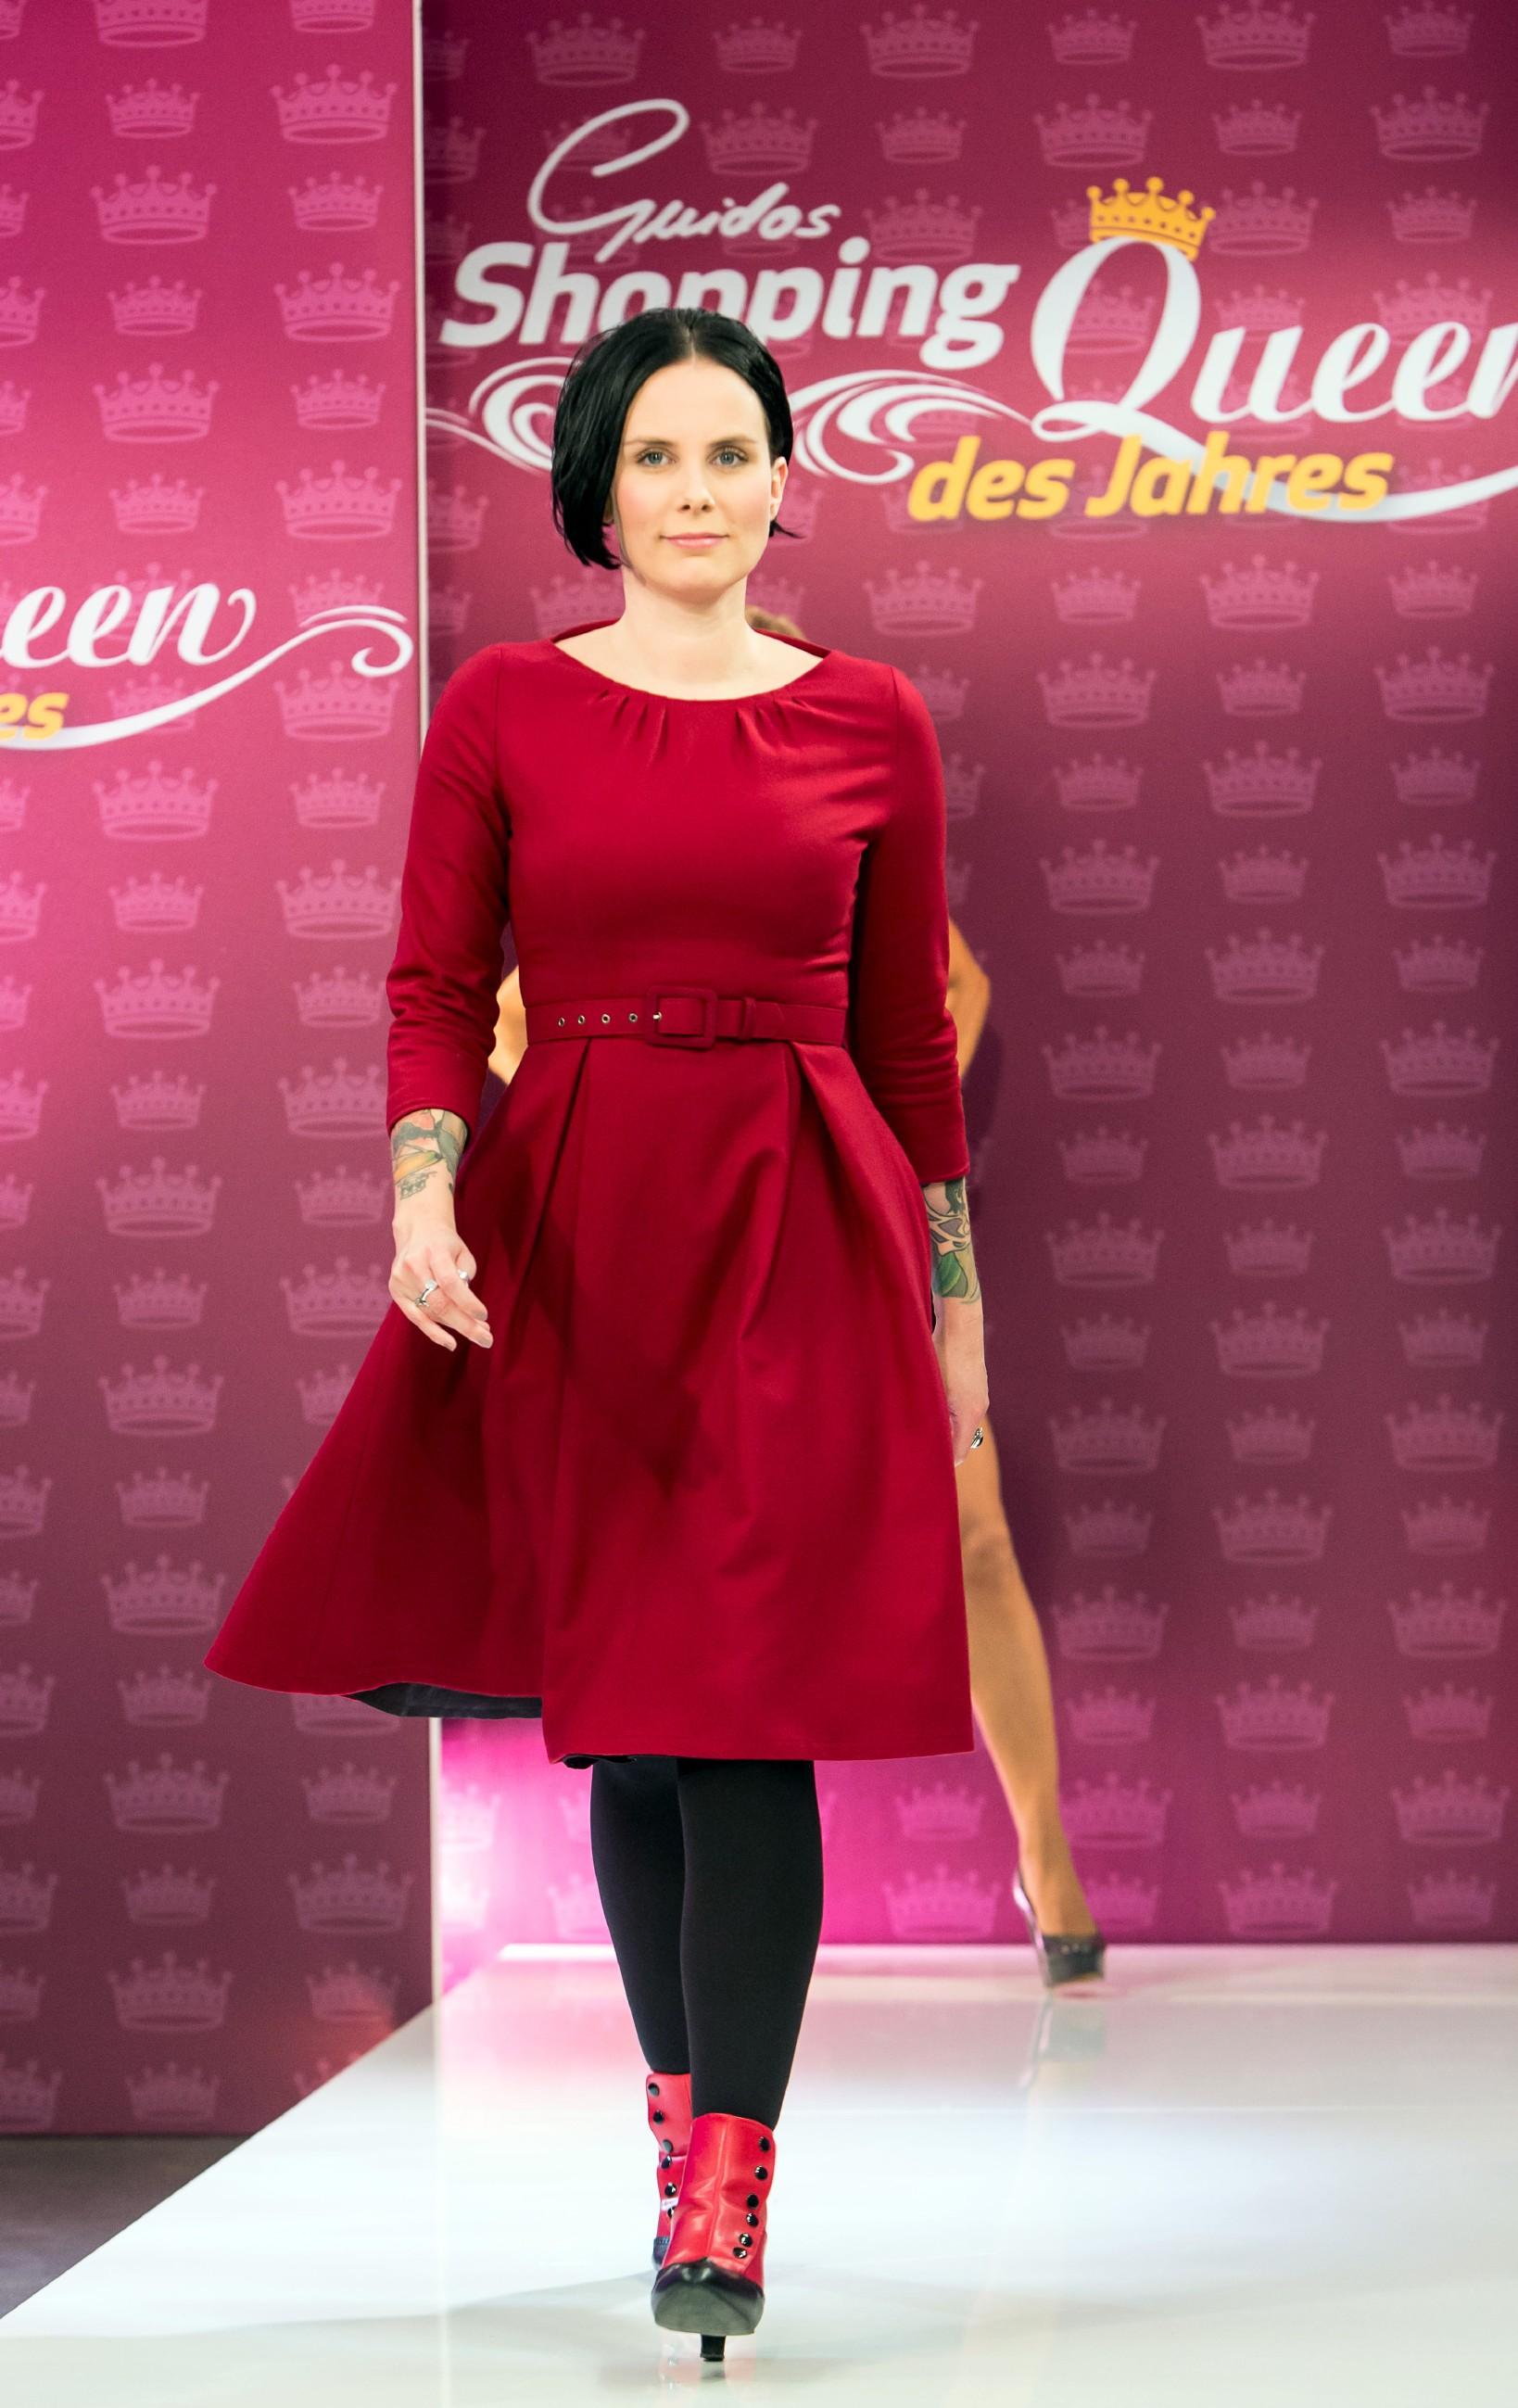 Guidos Shopping Queen des Jahres 2015 - Kandidatin Anne Martin